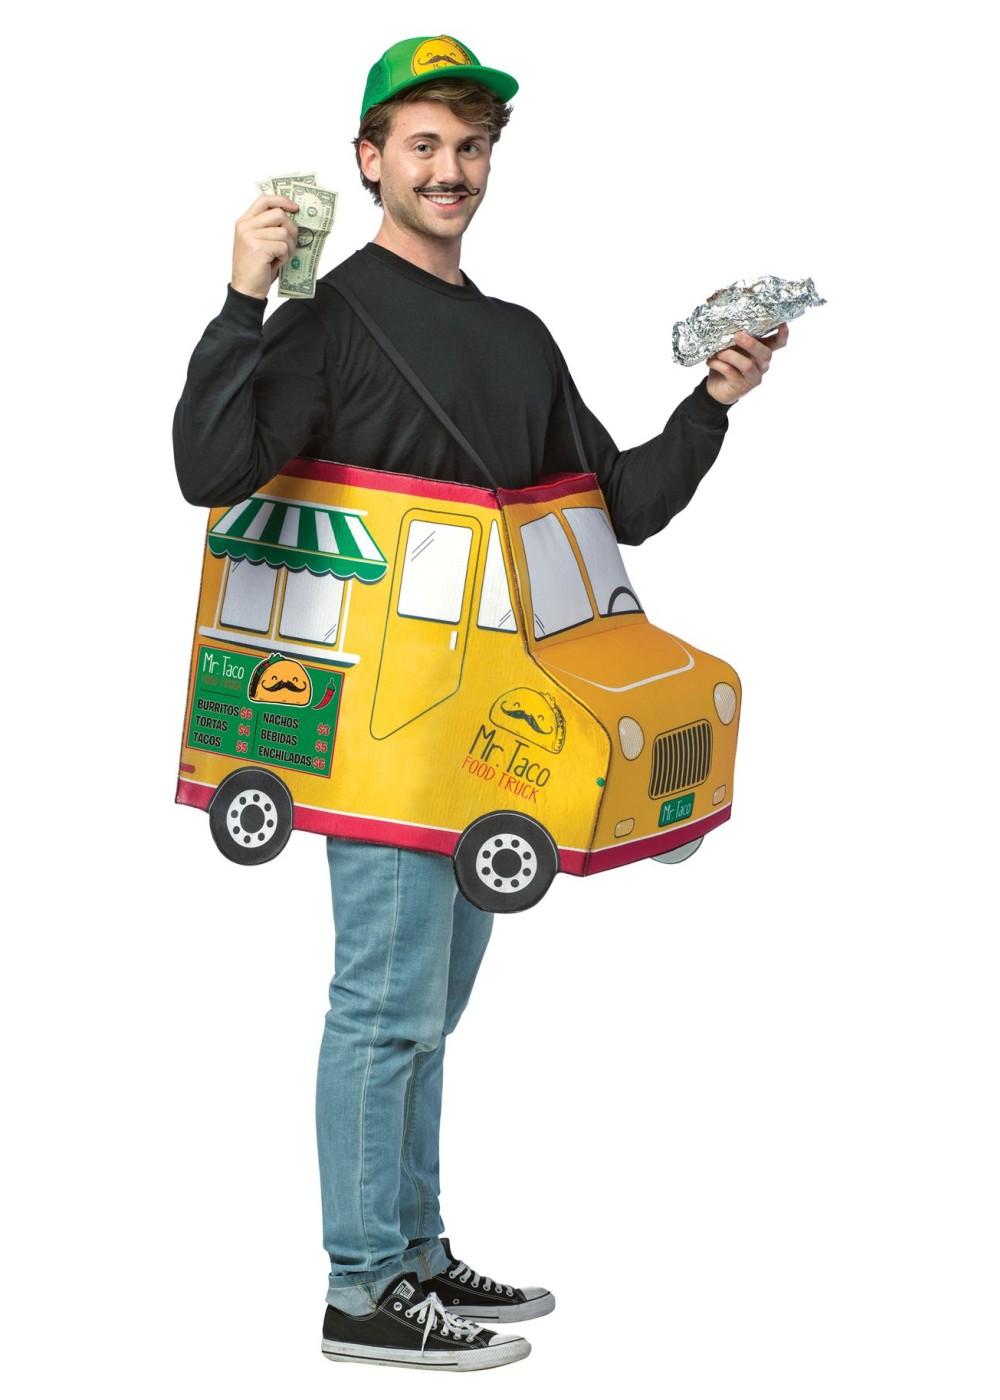 Mr Taco Food Truck